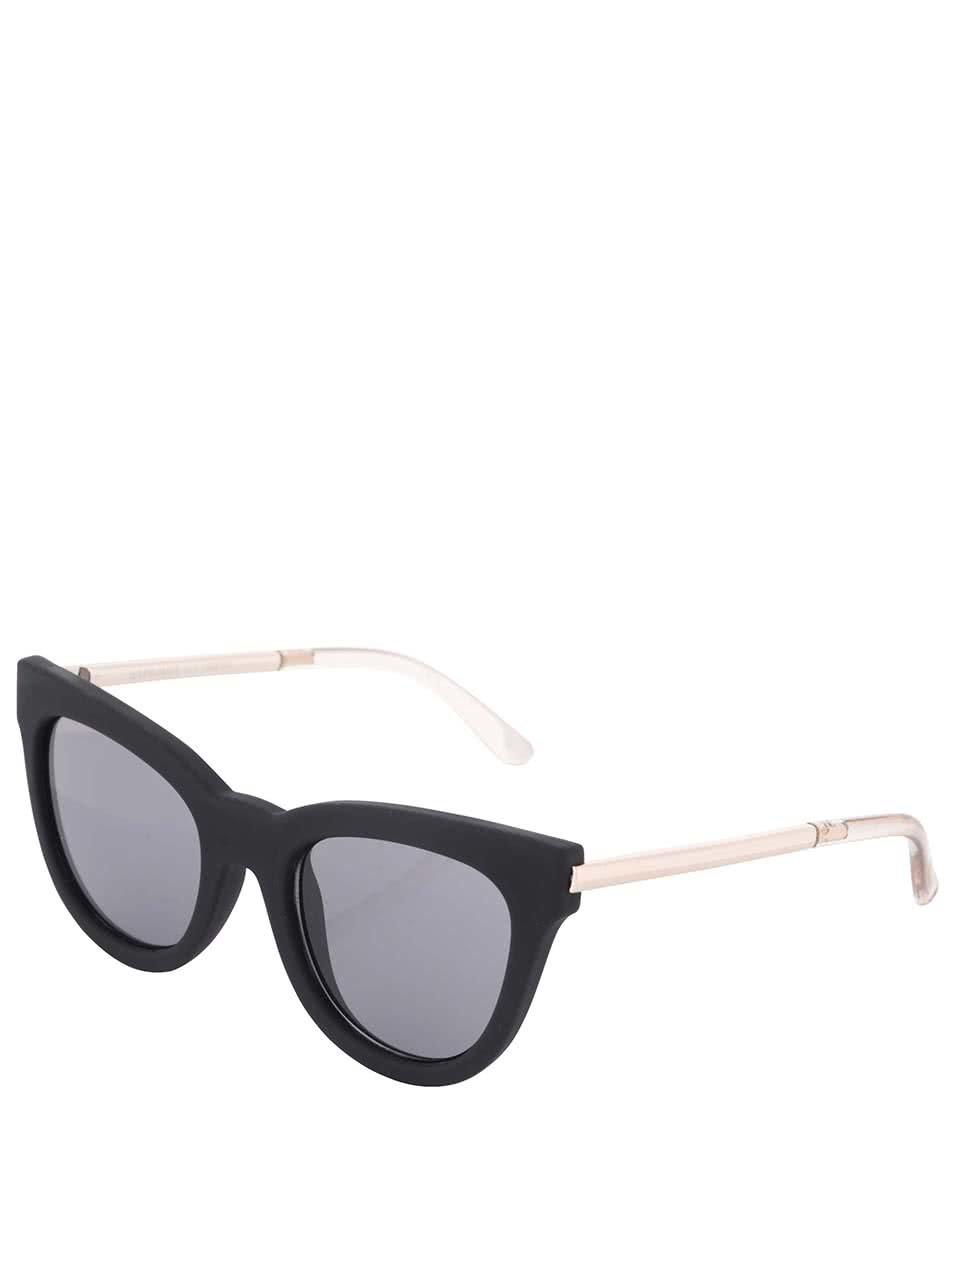 Čierne dámske slnečné okuliare Le Specs Le Debutante ... 4f577c080b8